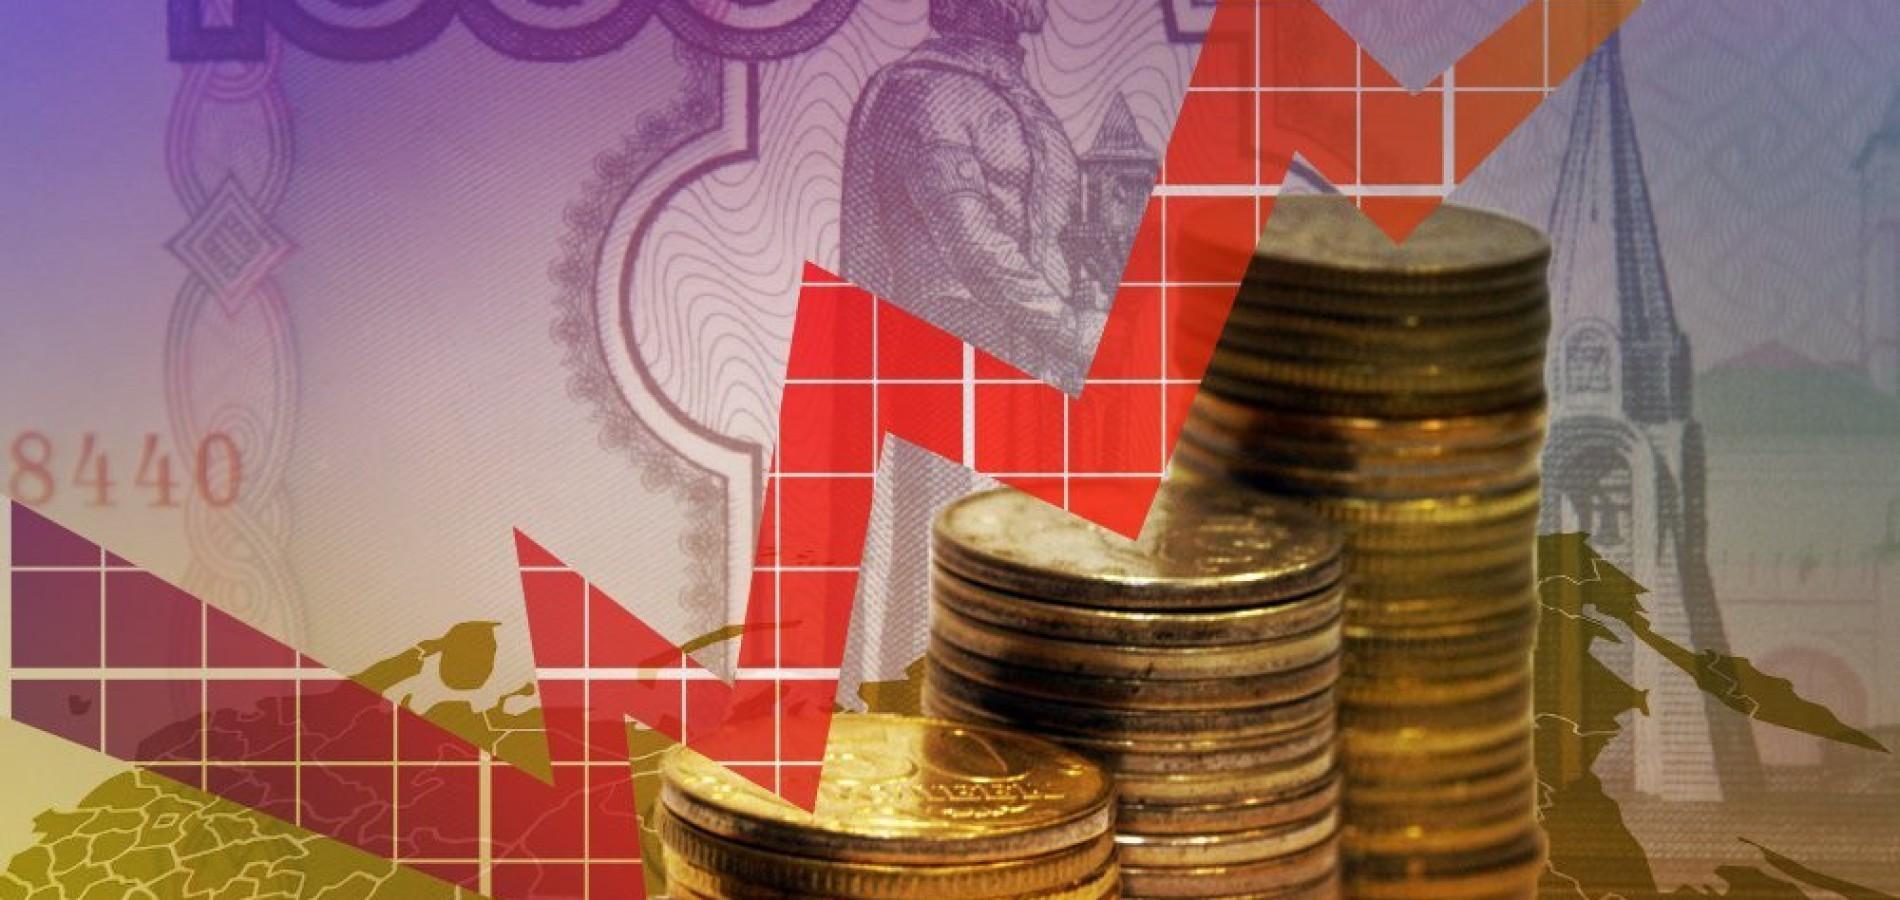 Глазьев: программа «Экономика роста» требует иного подхода